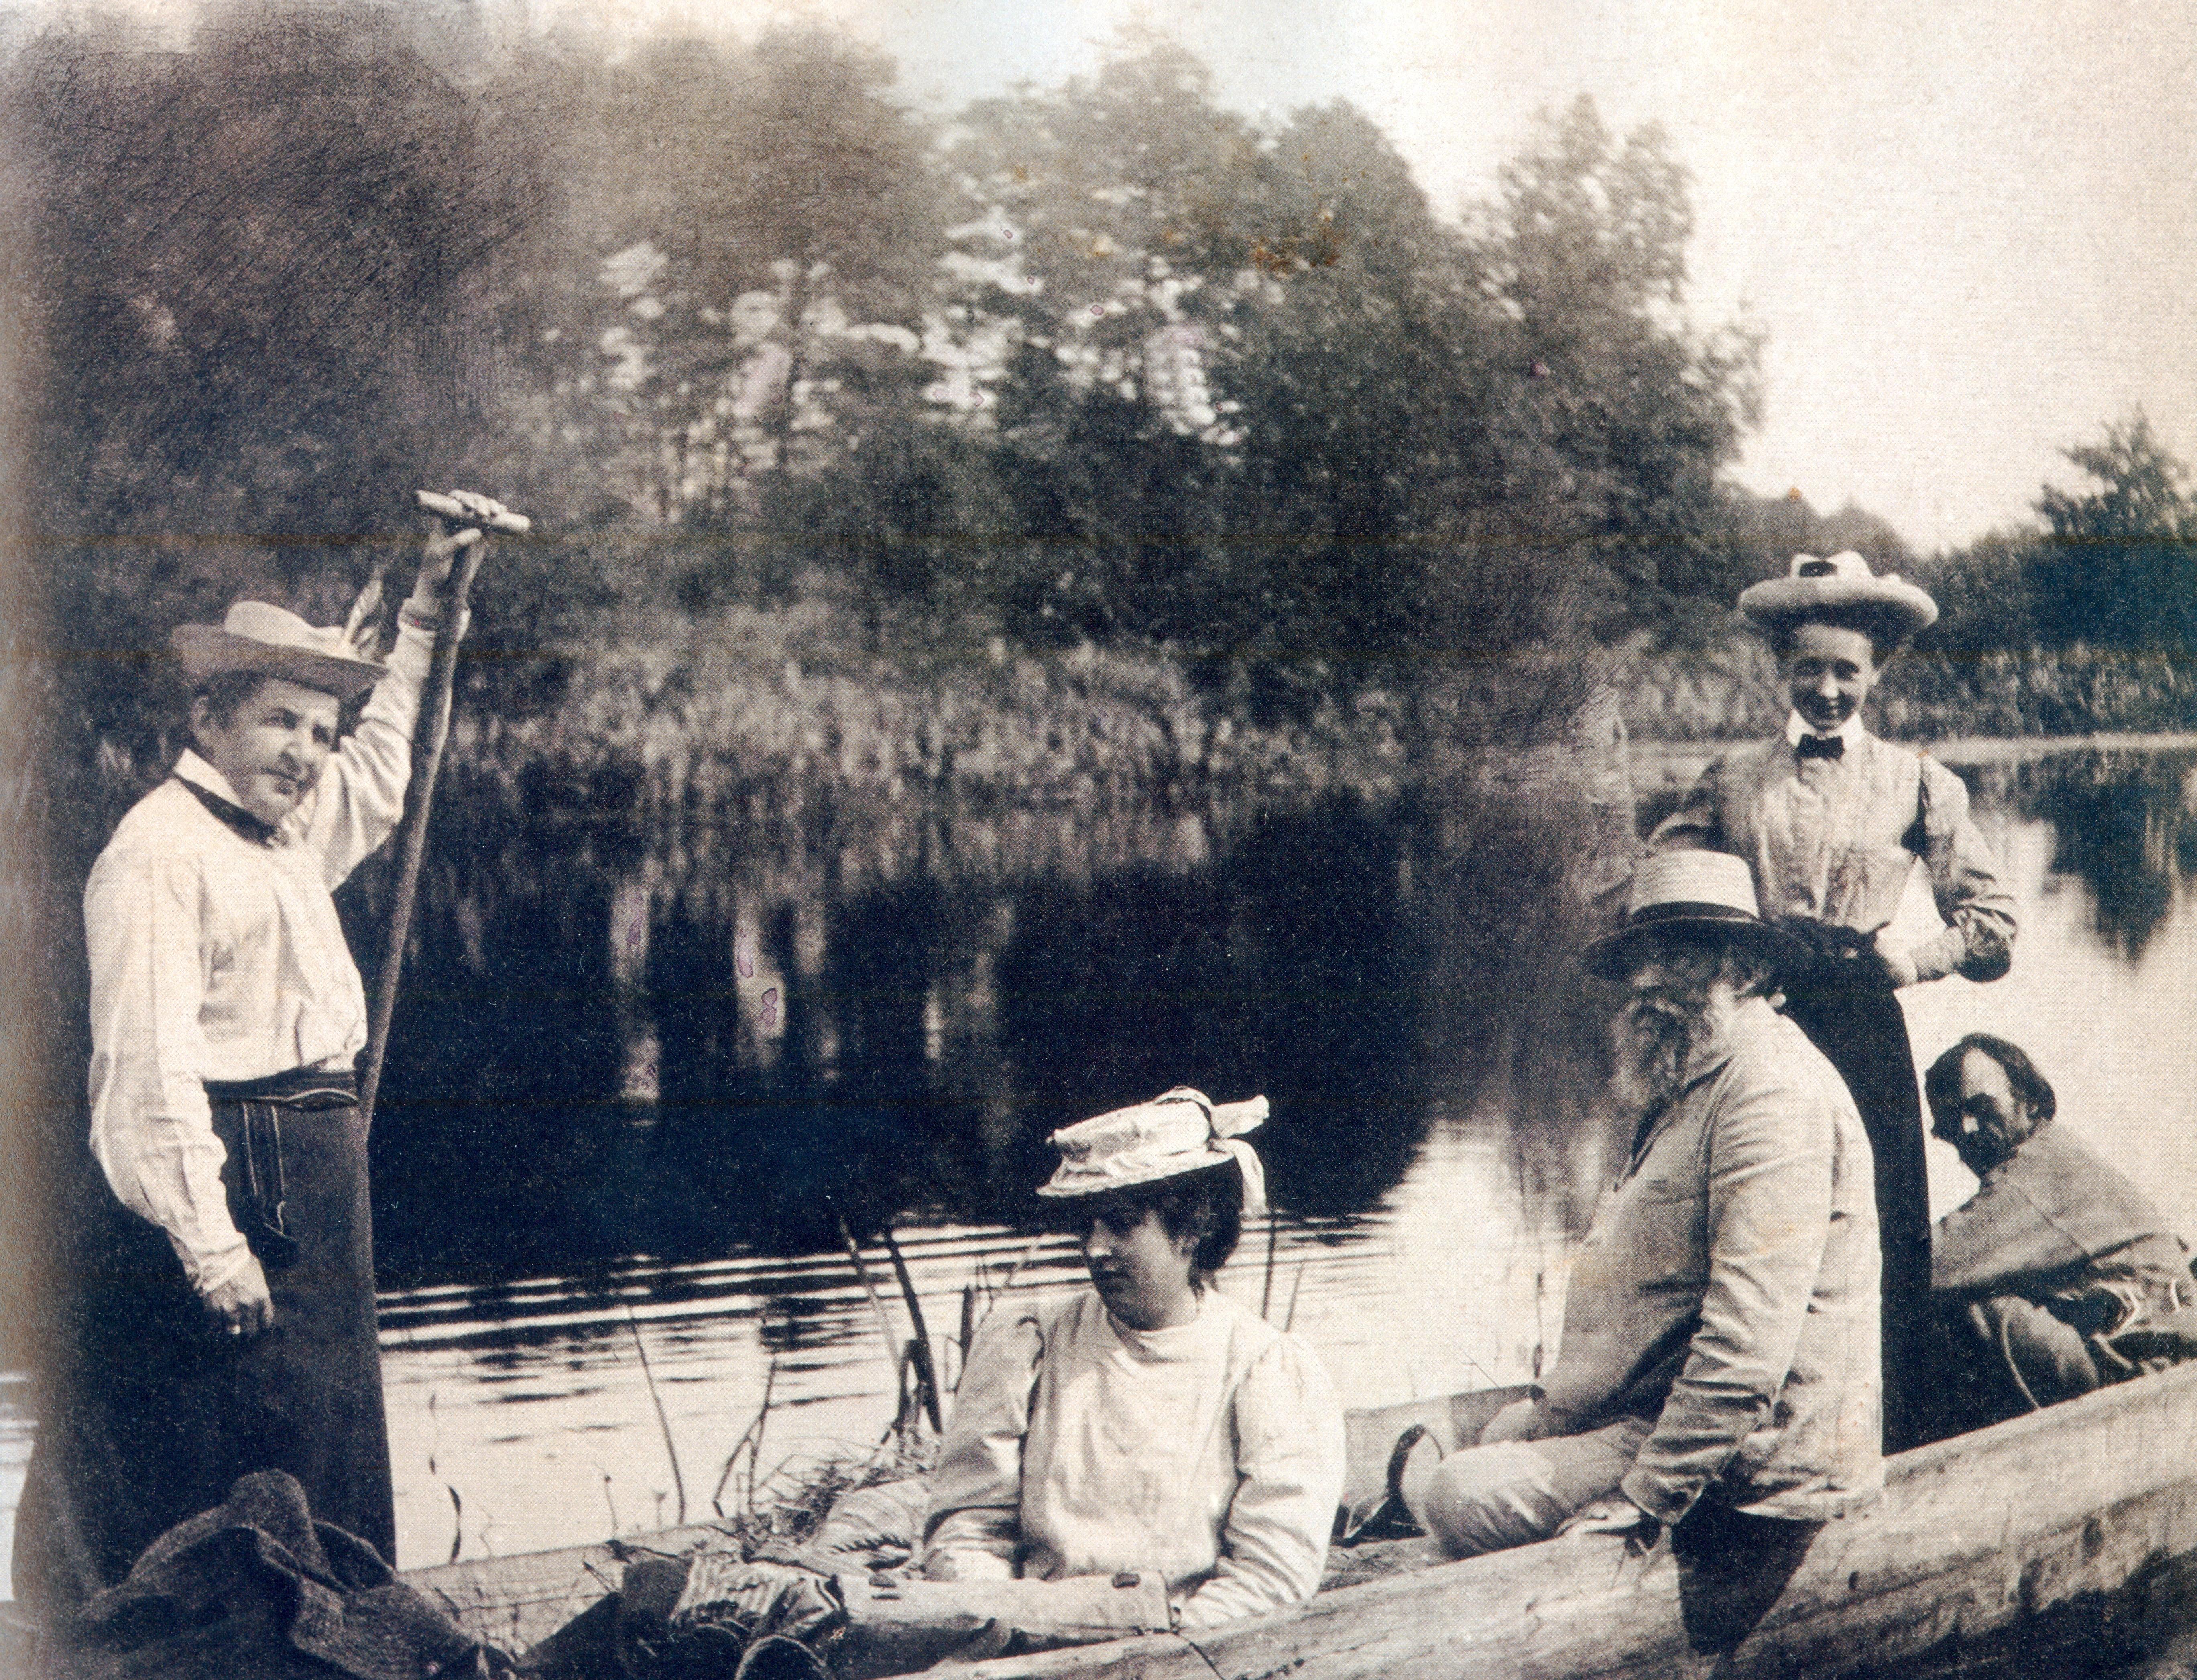 Wyprawa na Pińszczyznę. Łódką po Prypeci - od lewej Maria Rodziwiczówna, dalej Maria Chełmońska (córka Józefa), Józef Chełmoński.